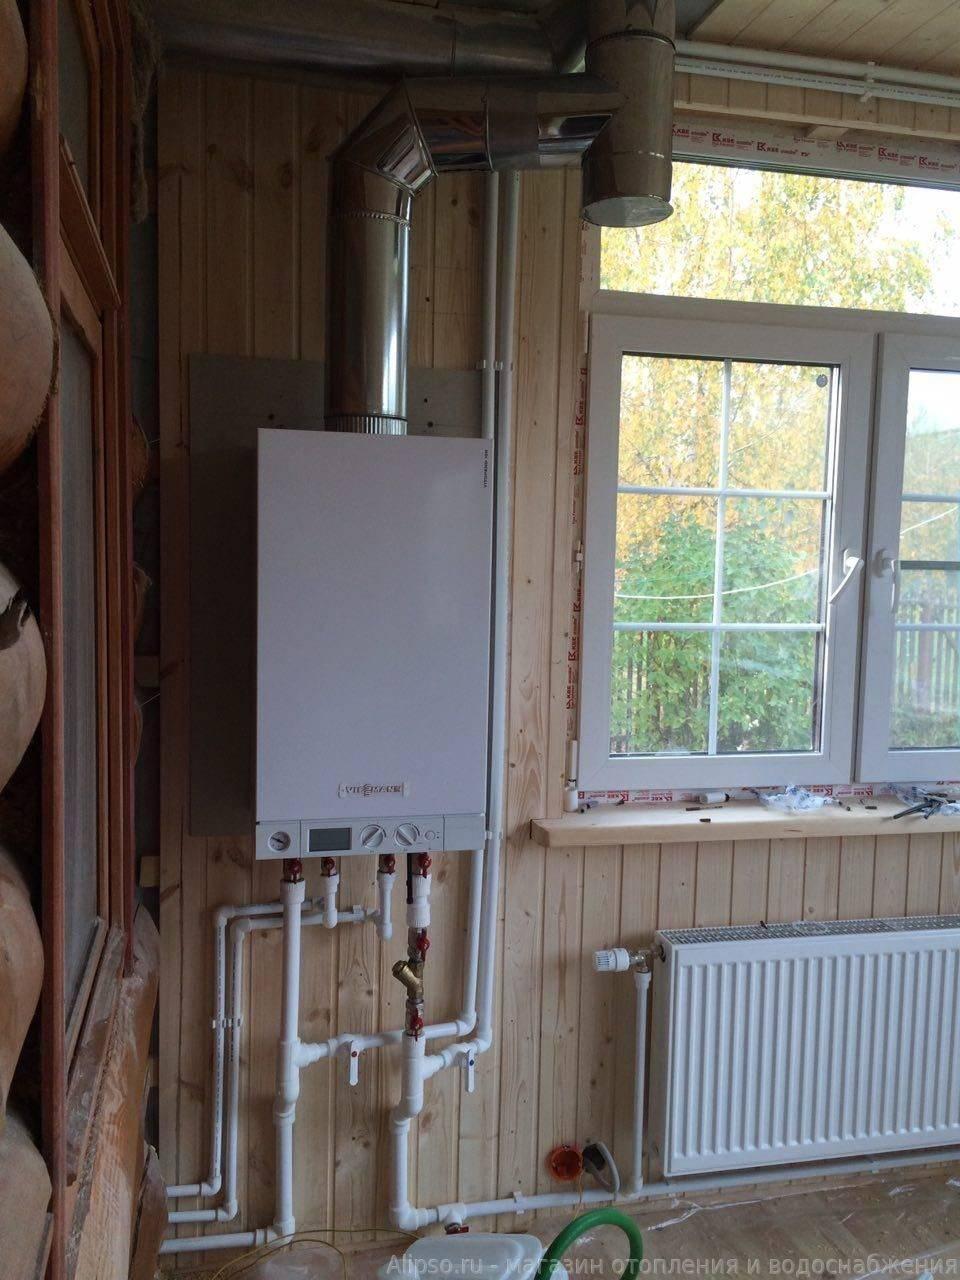 Газовые котлы, как установить и подключить газовый котел, правила установки газовых котлов